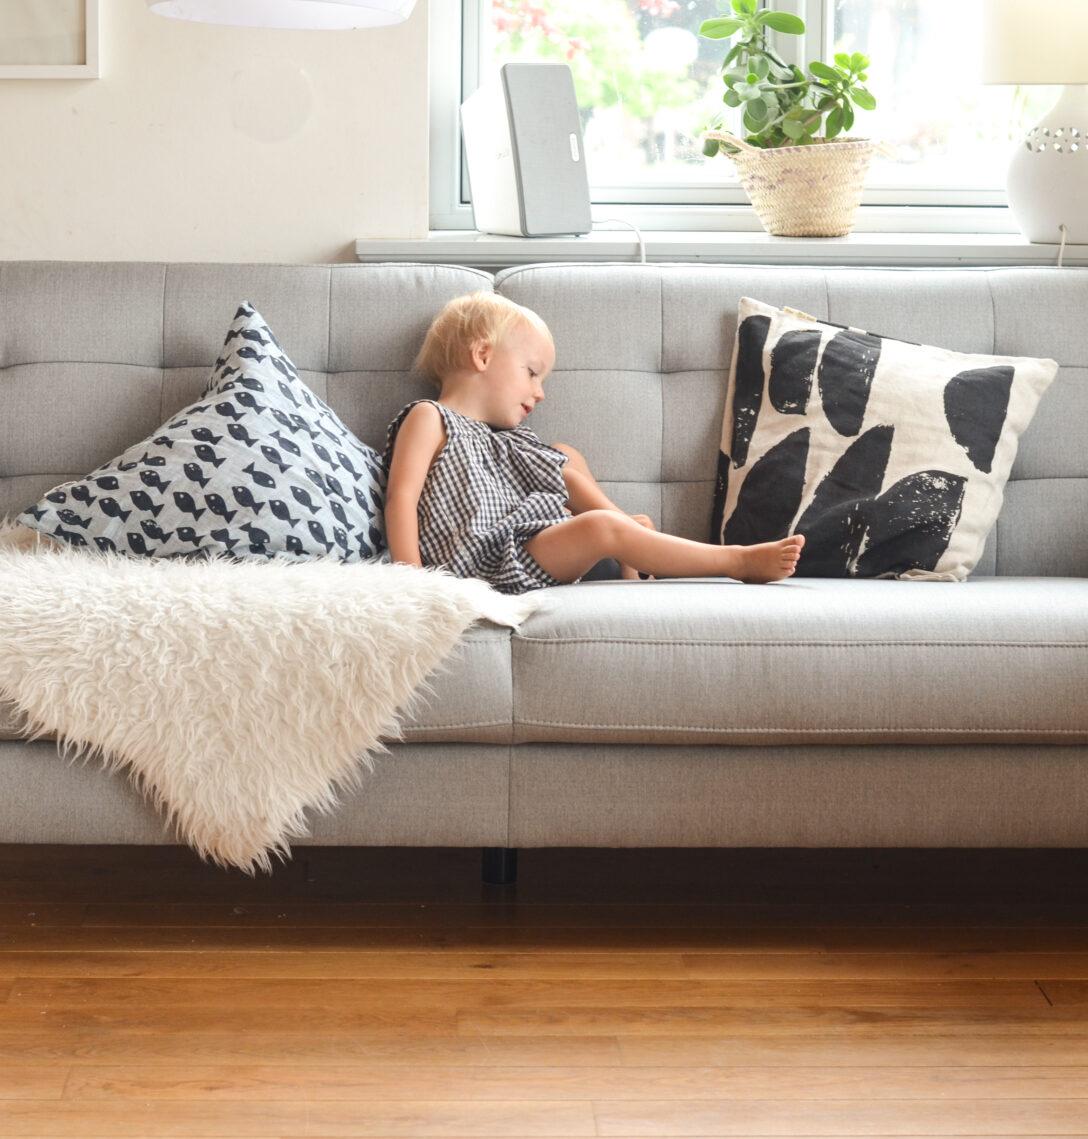 Large Size of Otto Sofa Ecksofa Mit Schlaffunktion Und Bettkasten Versand Grau Couch Bettfunktion Angebote Grey Bed Sofatisch Marken Schlafsofa Liegefläche 160x200 Big Wohnzimmer Otto Sofa